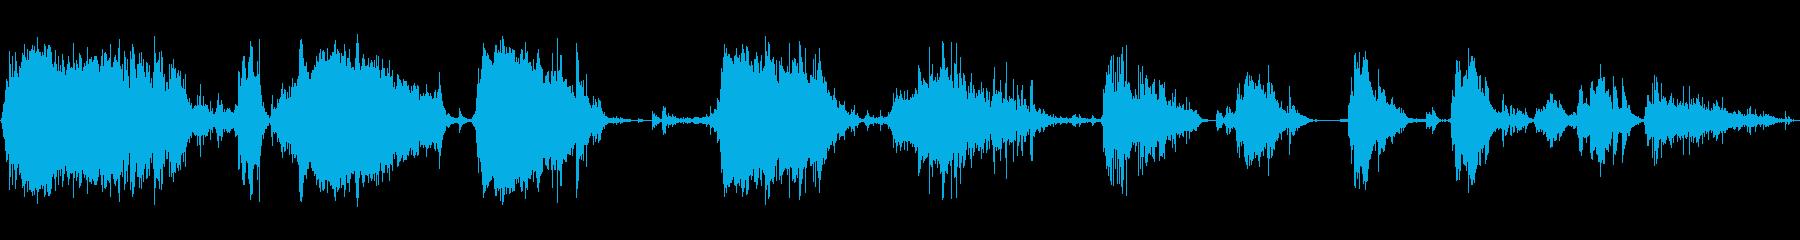 メタルデブリスクレープ4の再生済みの波形